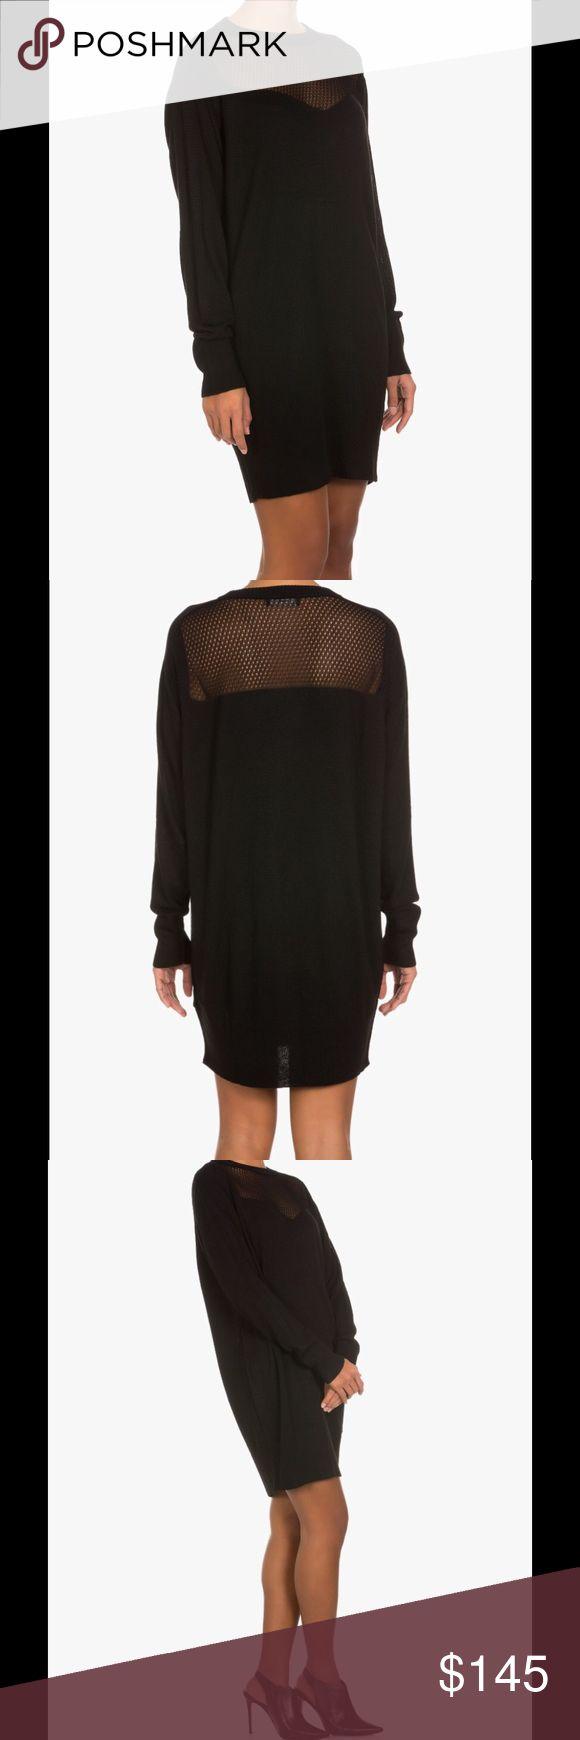 Diesel dress Crew neck, long sleeves, semi-sheer top detail. 72% Rayon-Viscose, 26% Nylon, 2% Alpaca Diesel Dresses Mini